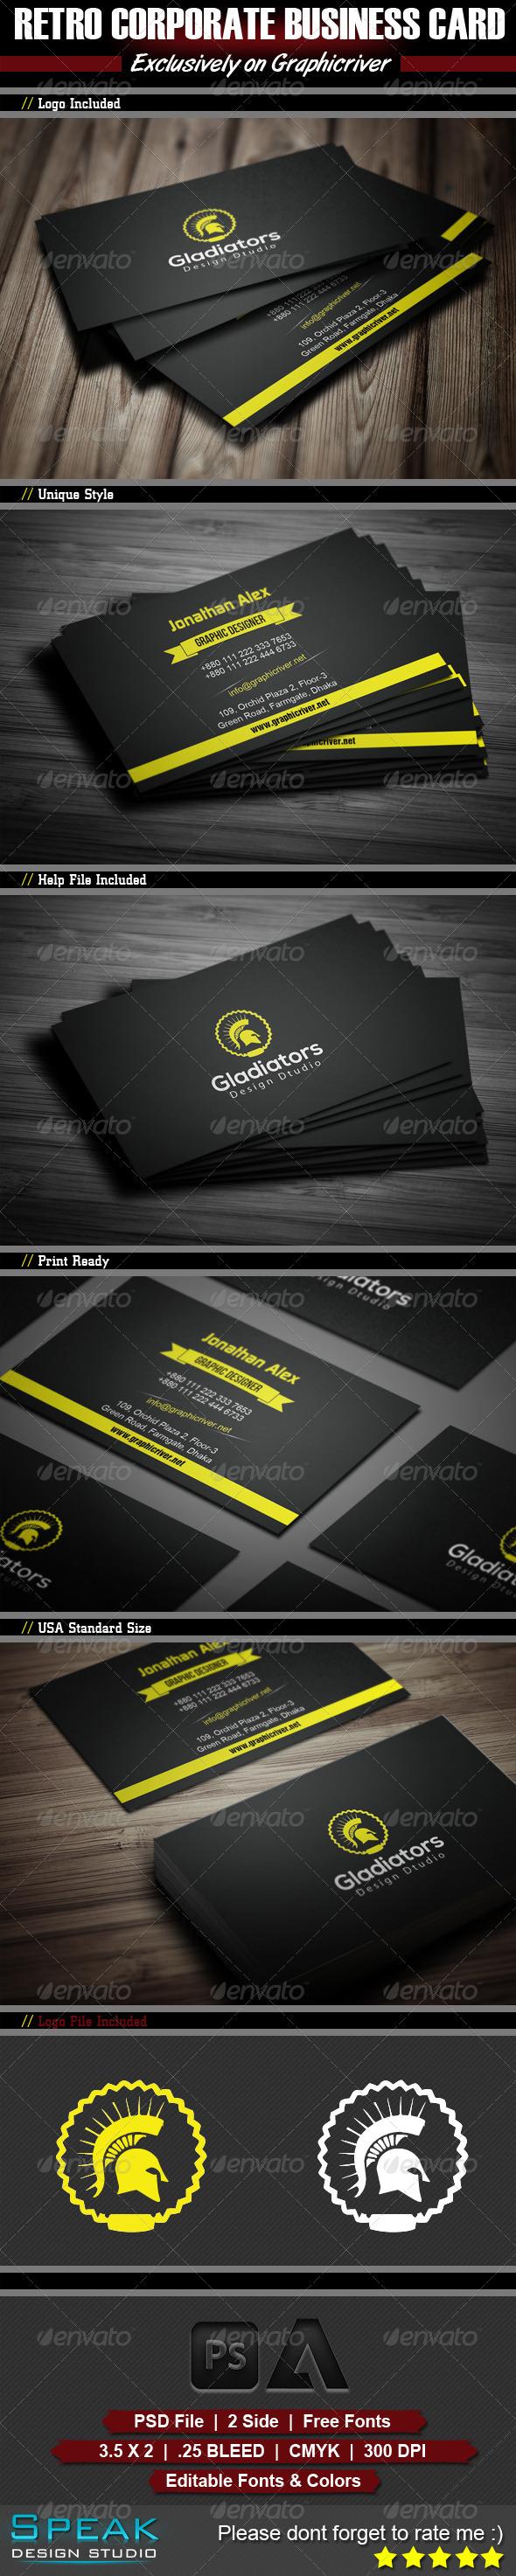 GraphicRiver Retro Corporate Business Card Design 5640673